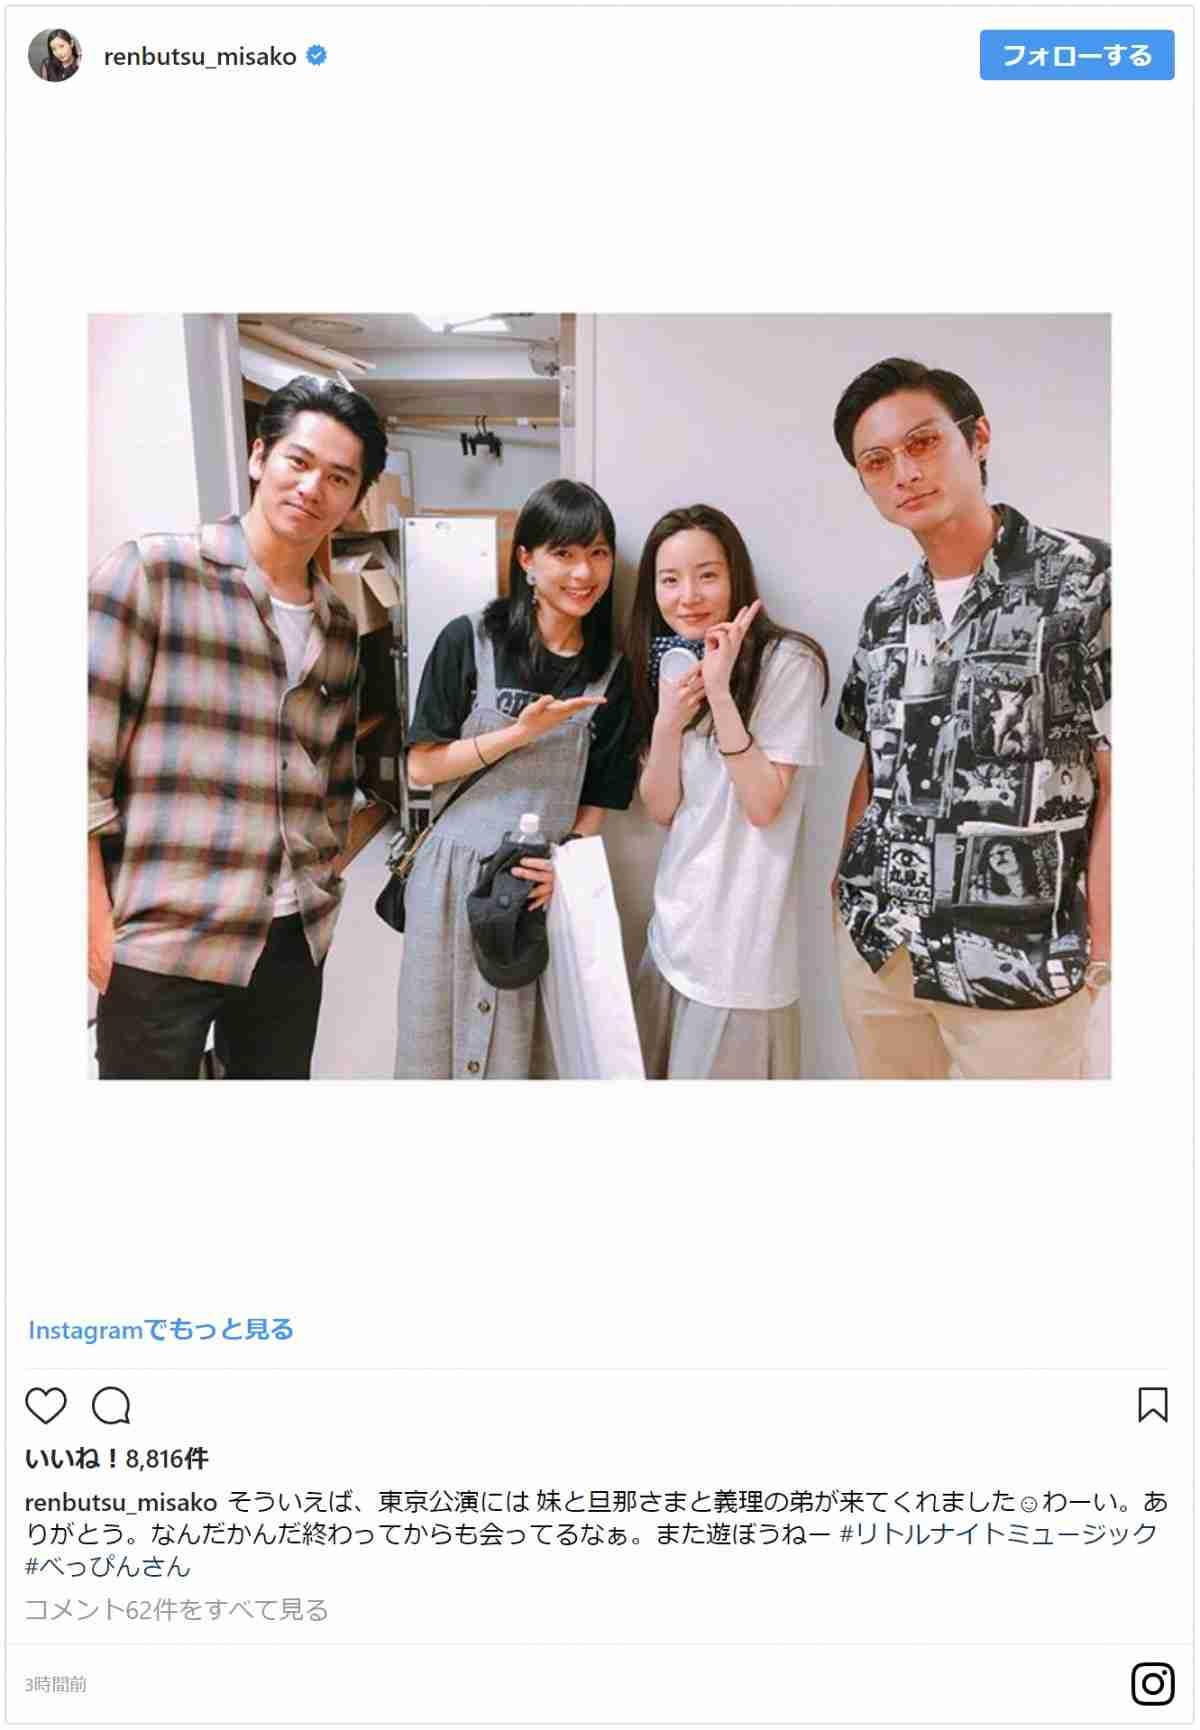 「べっぴんさん」家族4ショット!芳根京子&高良健吾ら再集結 - シネマトゥデイ